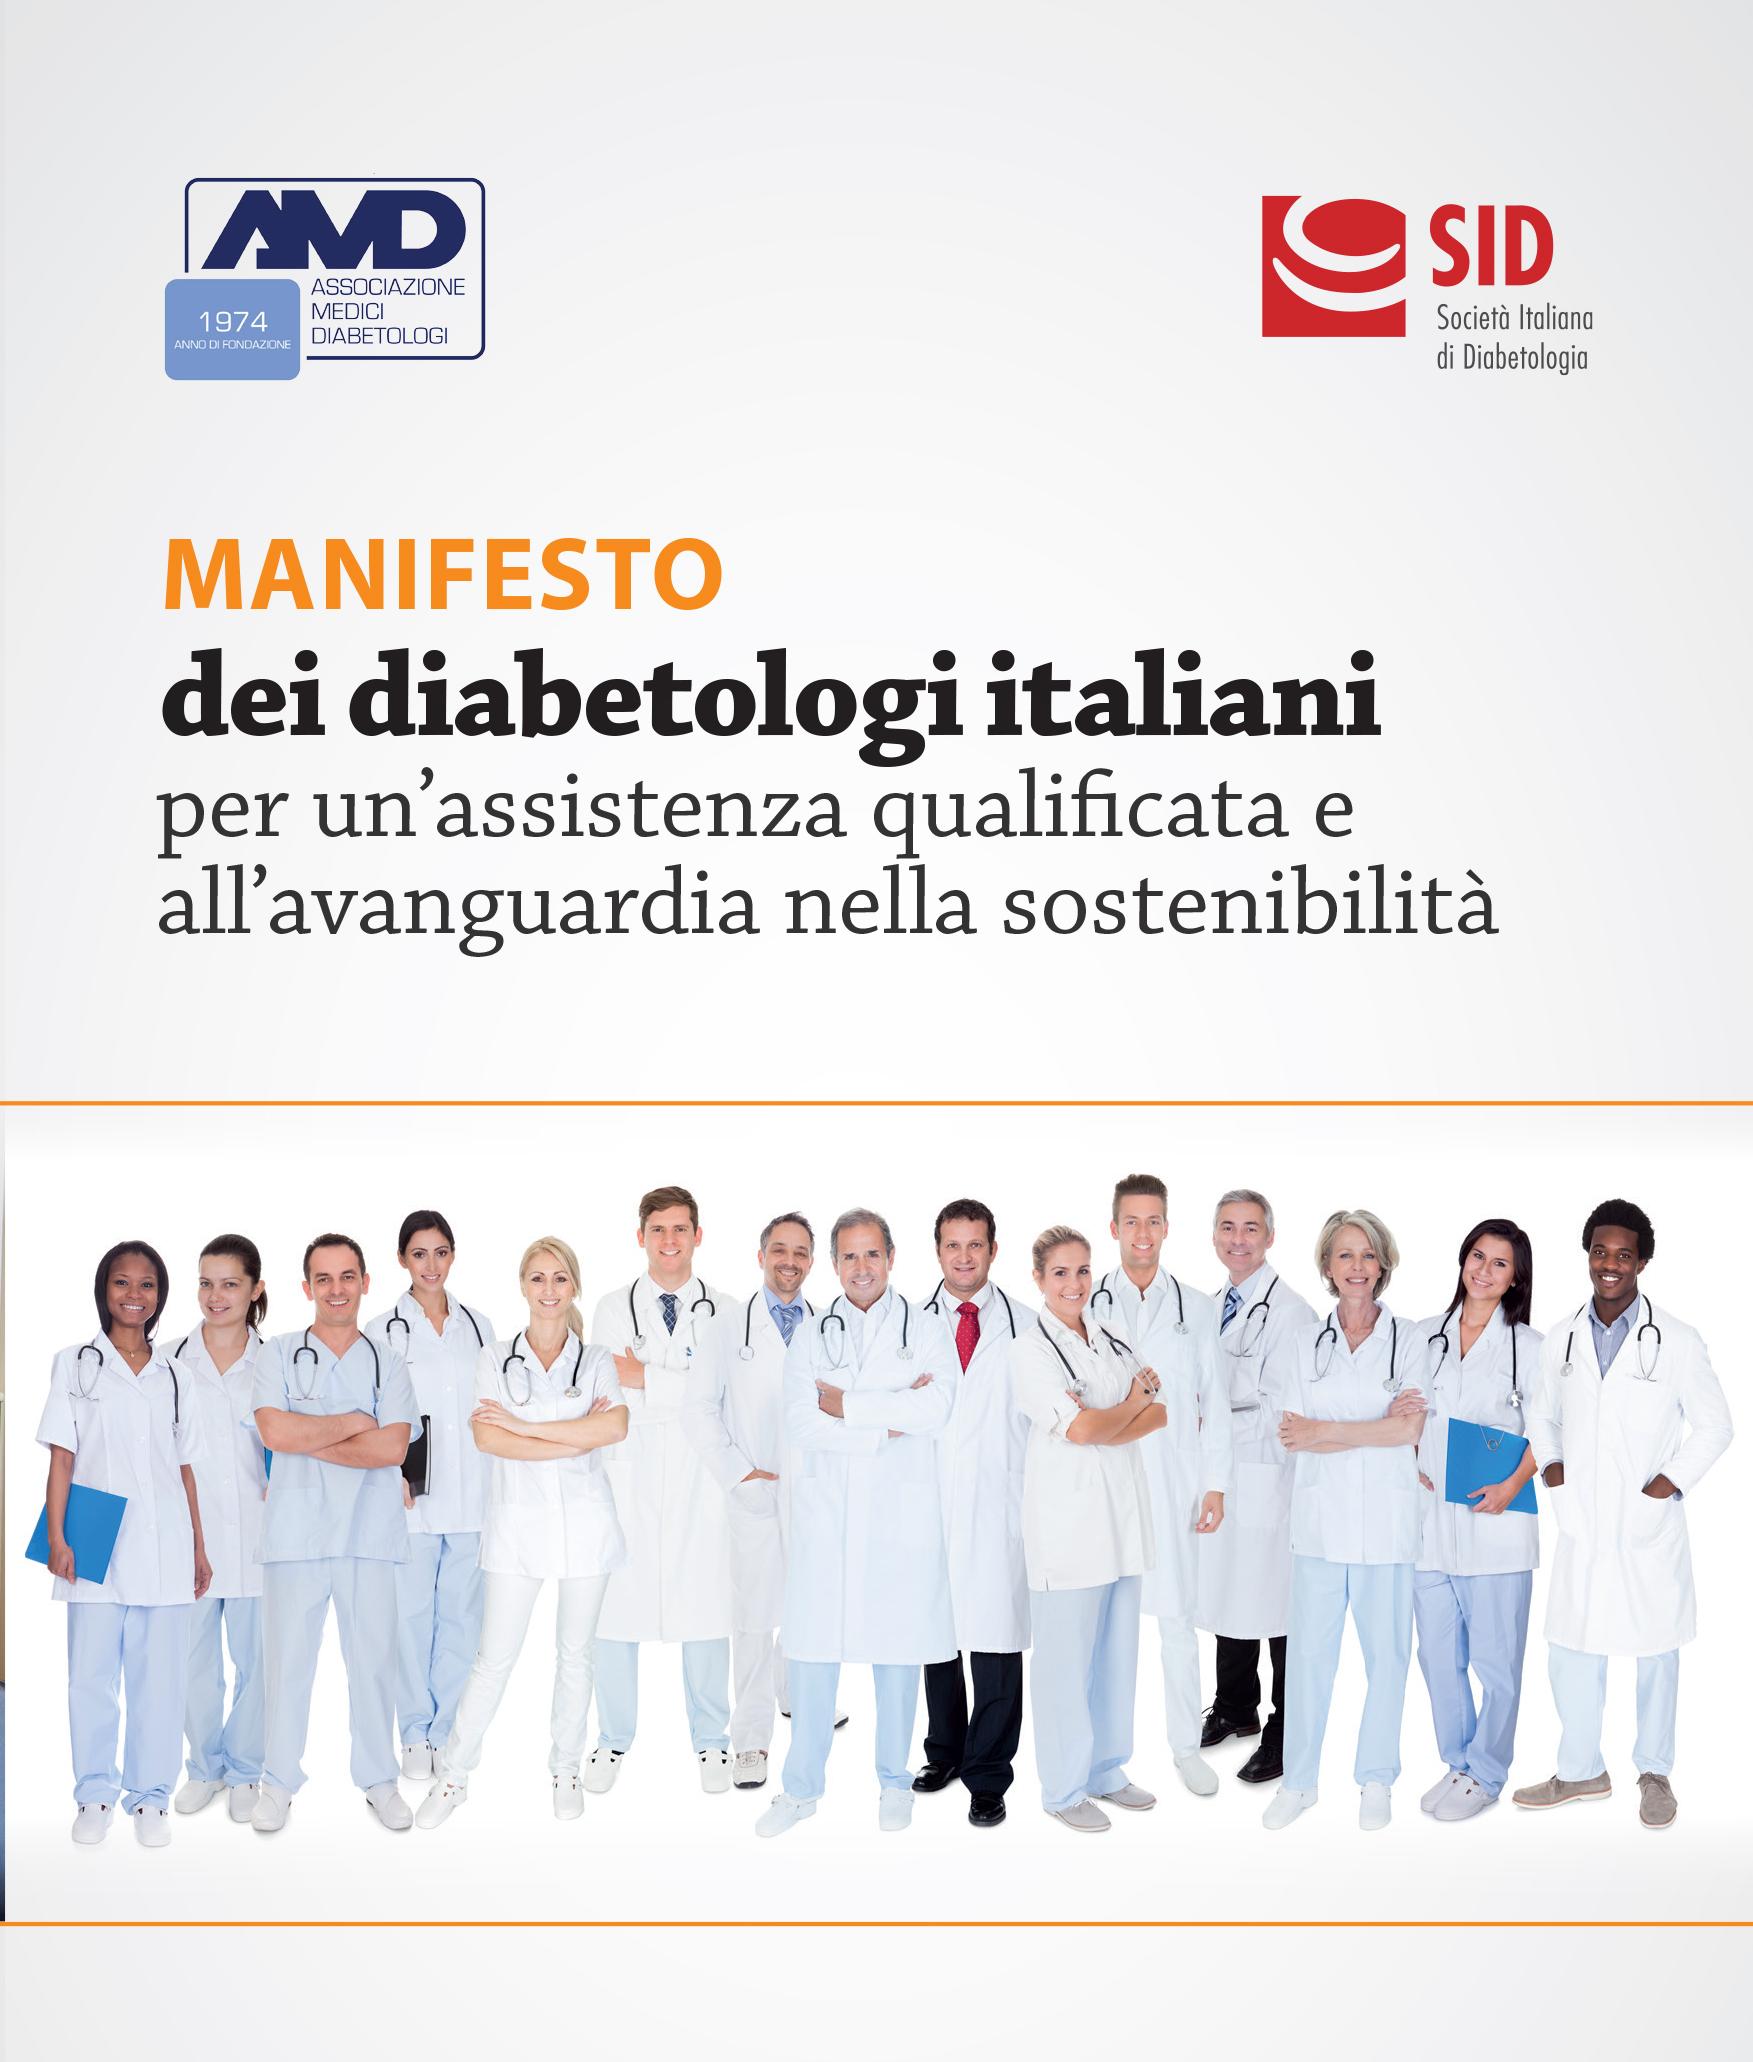 manifesto dietologi italiai dottore luciano carboni